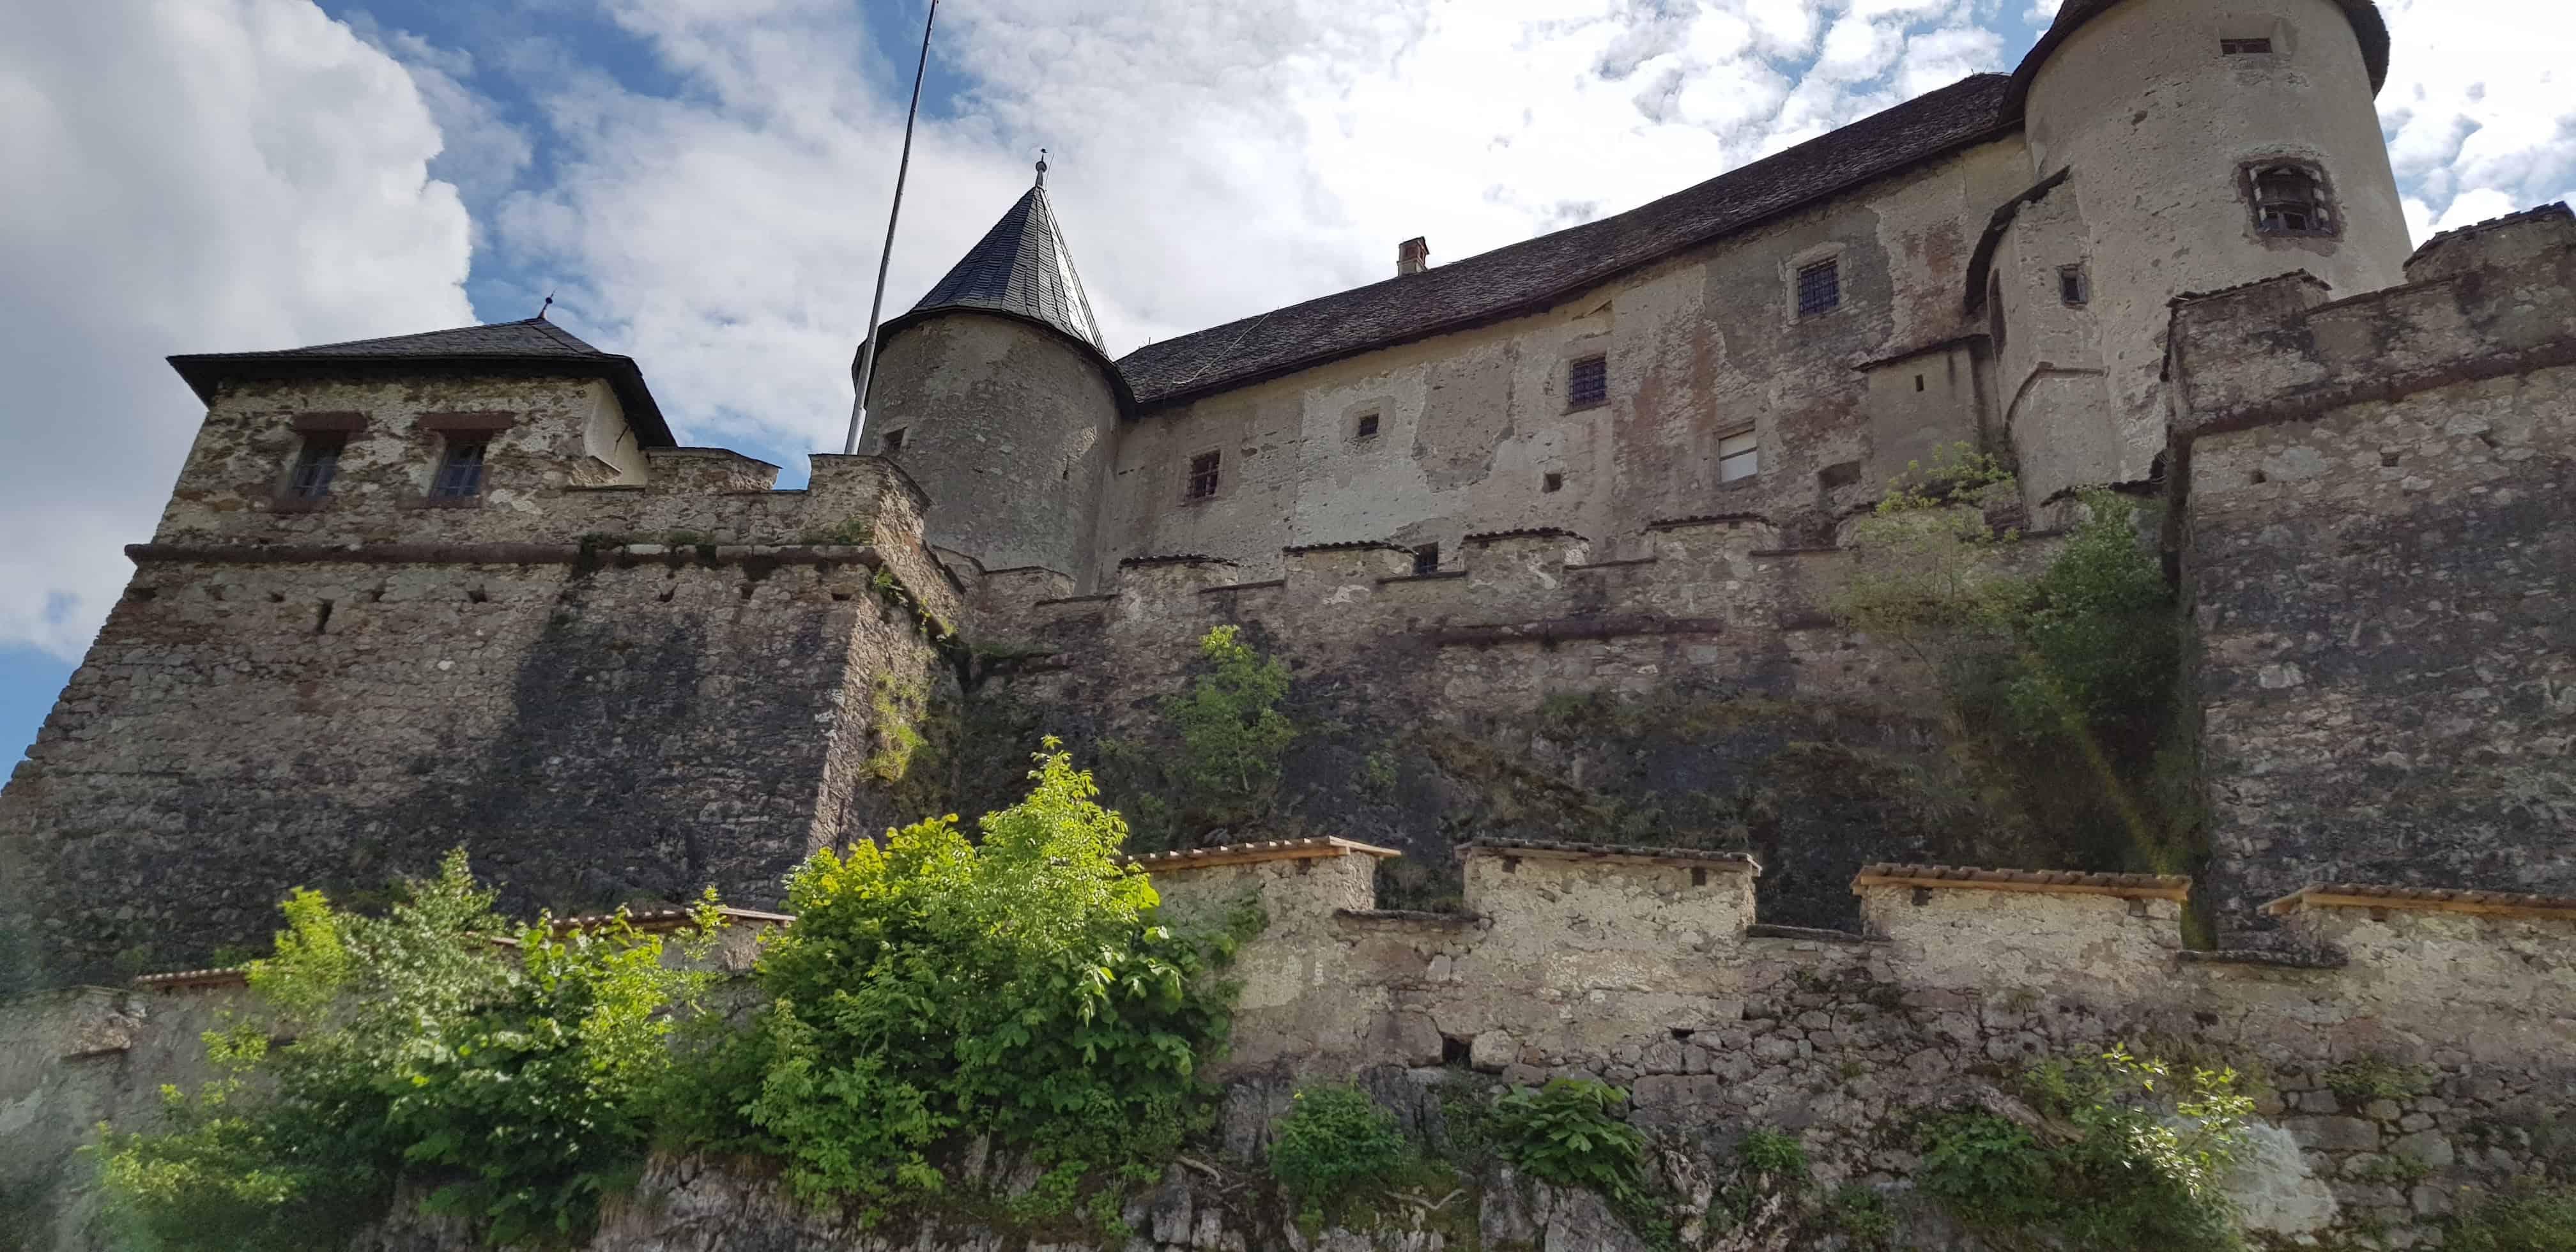 Historische und mittelalterliche Burganlage Burg Hochosterwitz Kärnten